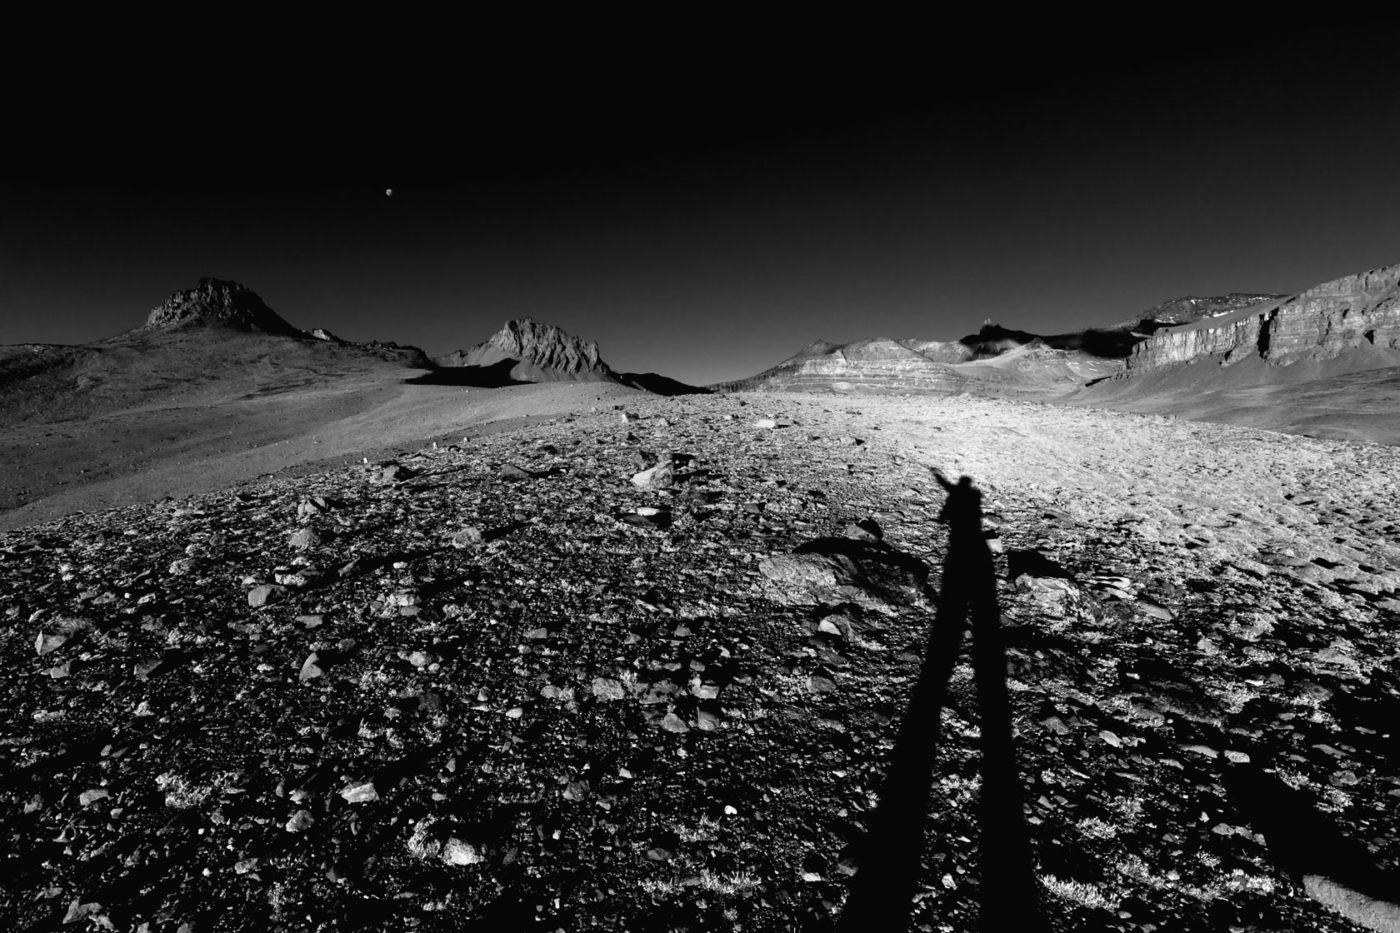 Bild in Patagonien mit Mars im Himmel.